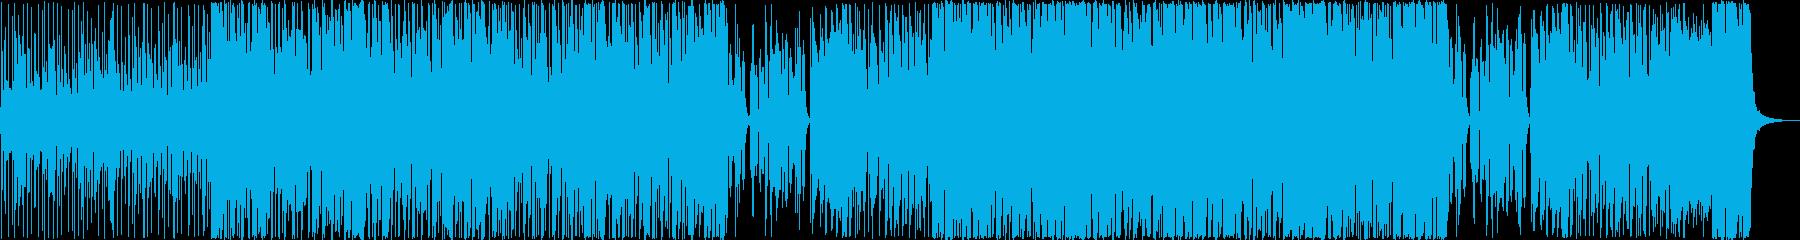 アップライトベースで始まるファンクの再生済みの波形